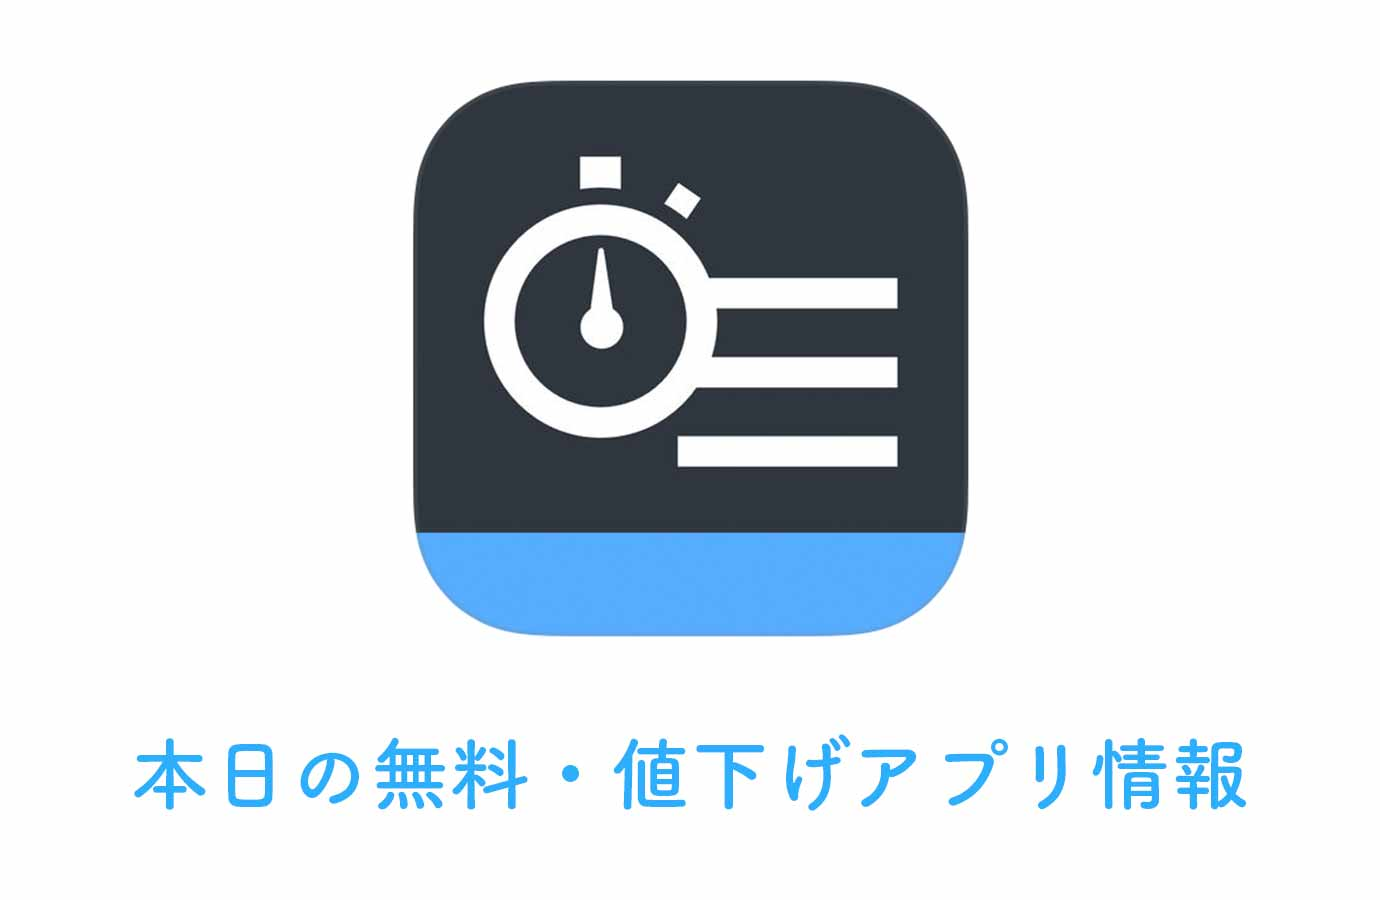 400円→無料、毎日の時間の使い方を記録・可視化できるアプリ「BusyBox」など【4/18】本日の無料・値下げアプリ情報